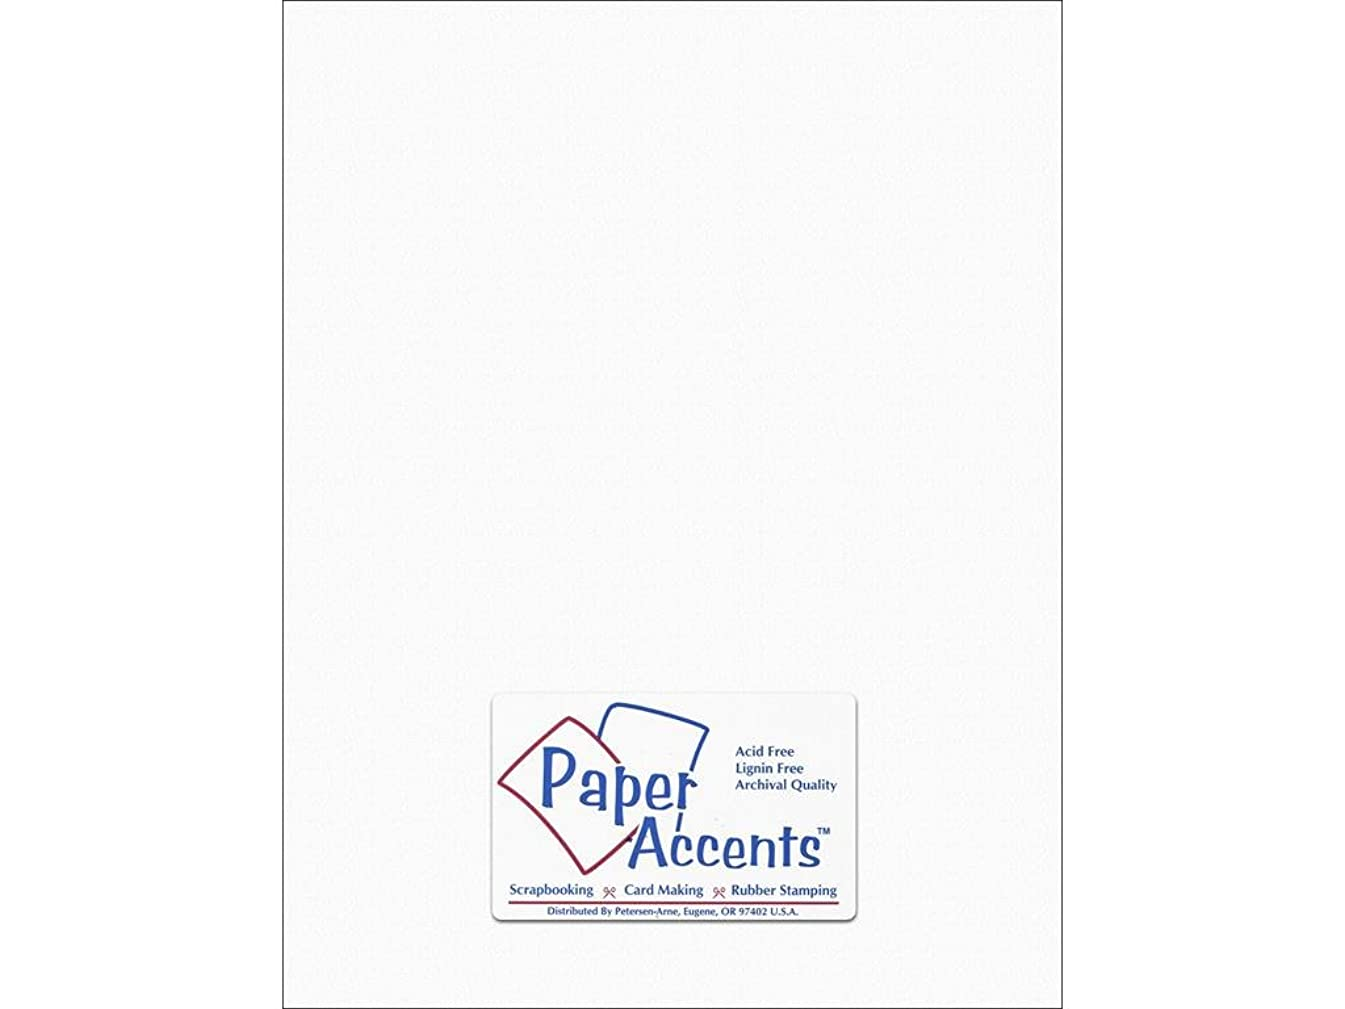 Accent Design Paper Accents SnowWhite Cdstk Stash Builder 8.5x11 65# Textrd Snow White